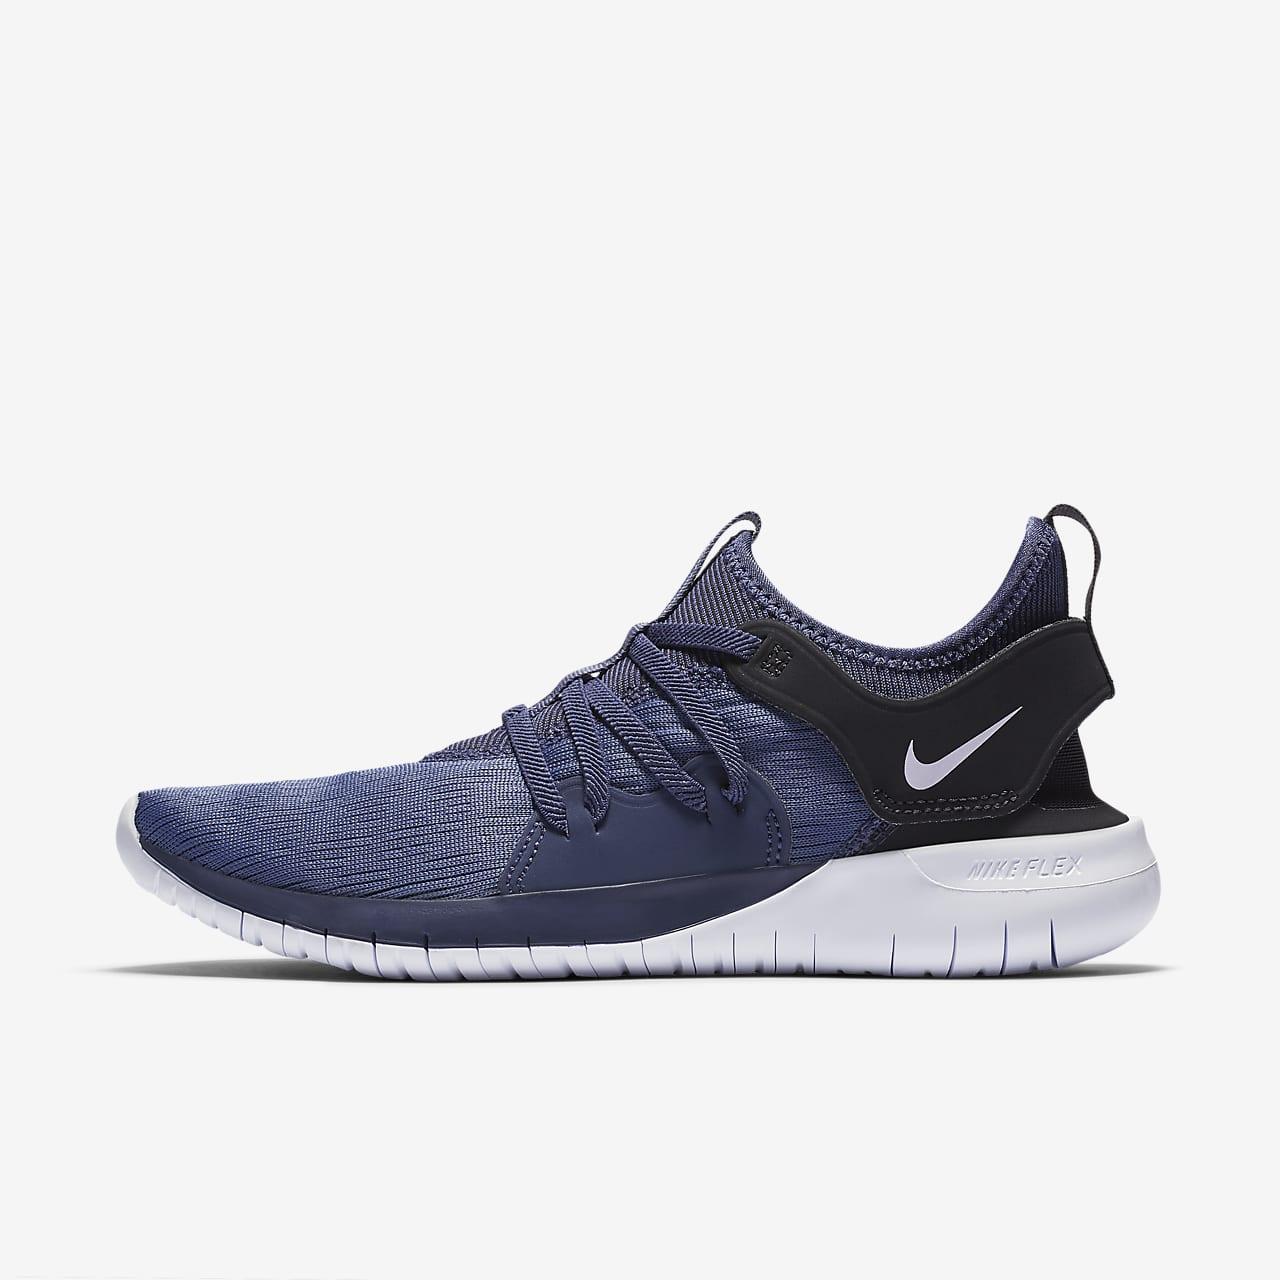 Nike Flex Contact 3 Women's Running Shoe